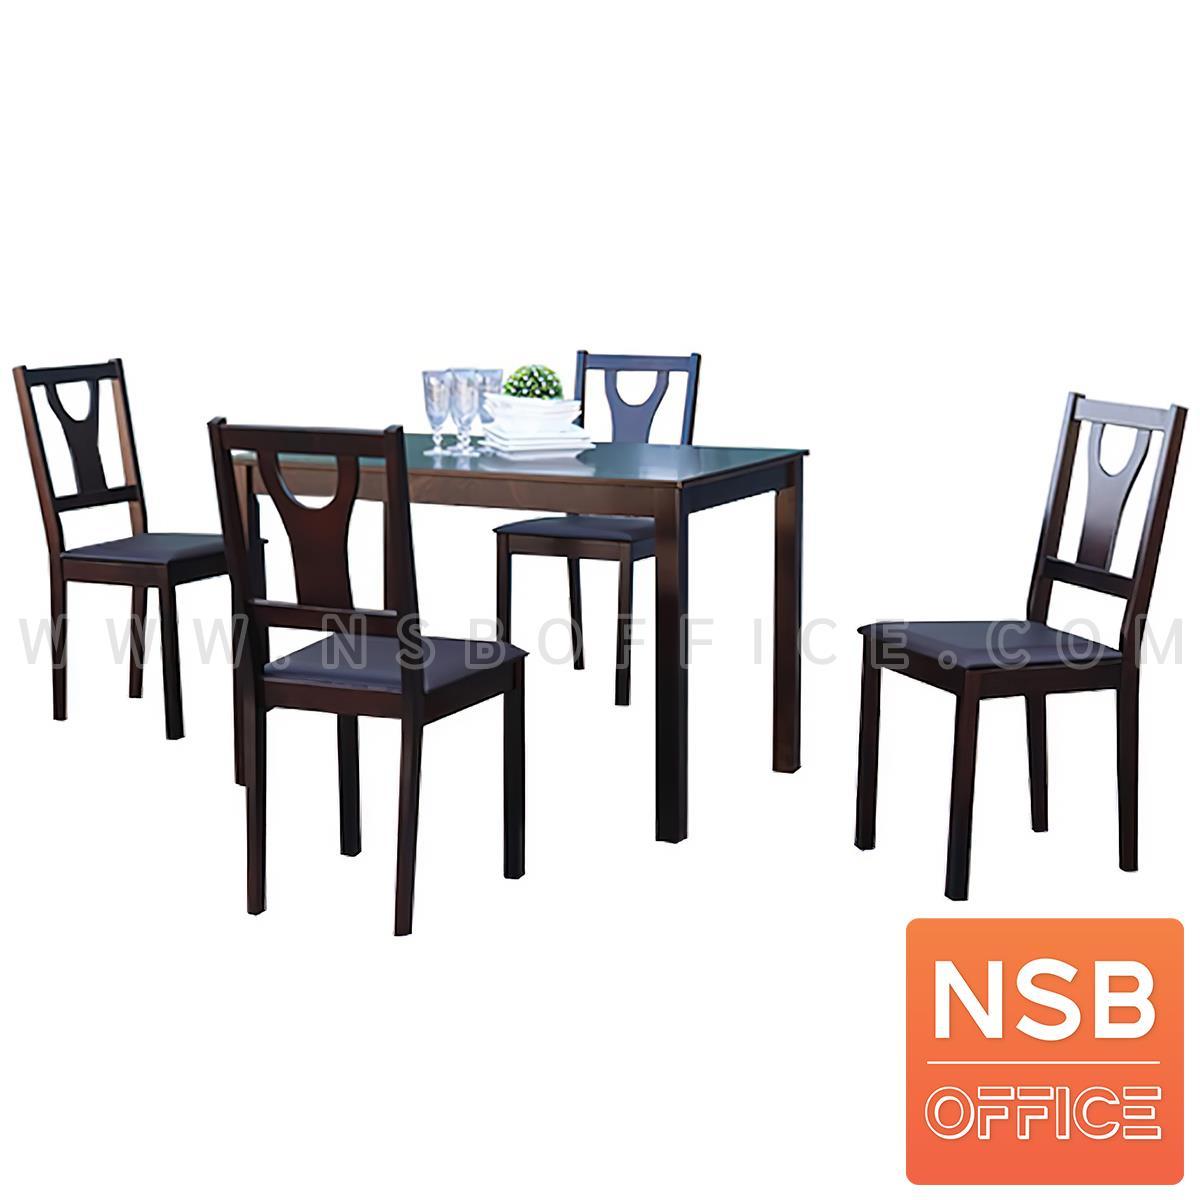 G14A238:ชุดโต๊ะรับประทานอาหารไม้ รุ่น Wisteria (วิสเทเรีย)   4 ที่นั่ง พร้อมเก้าอี้